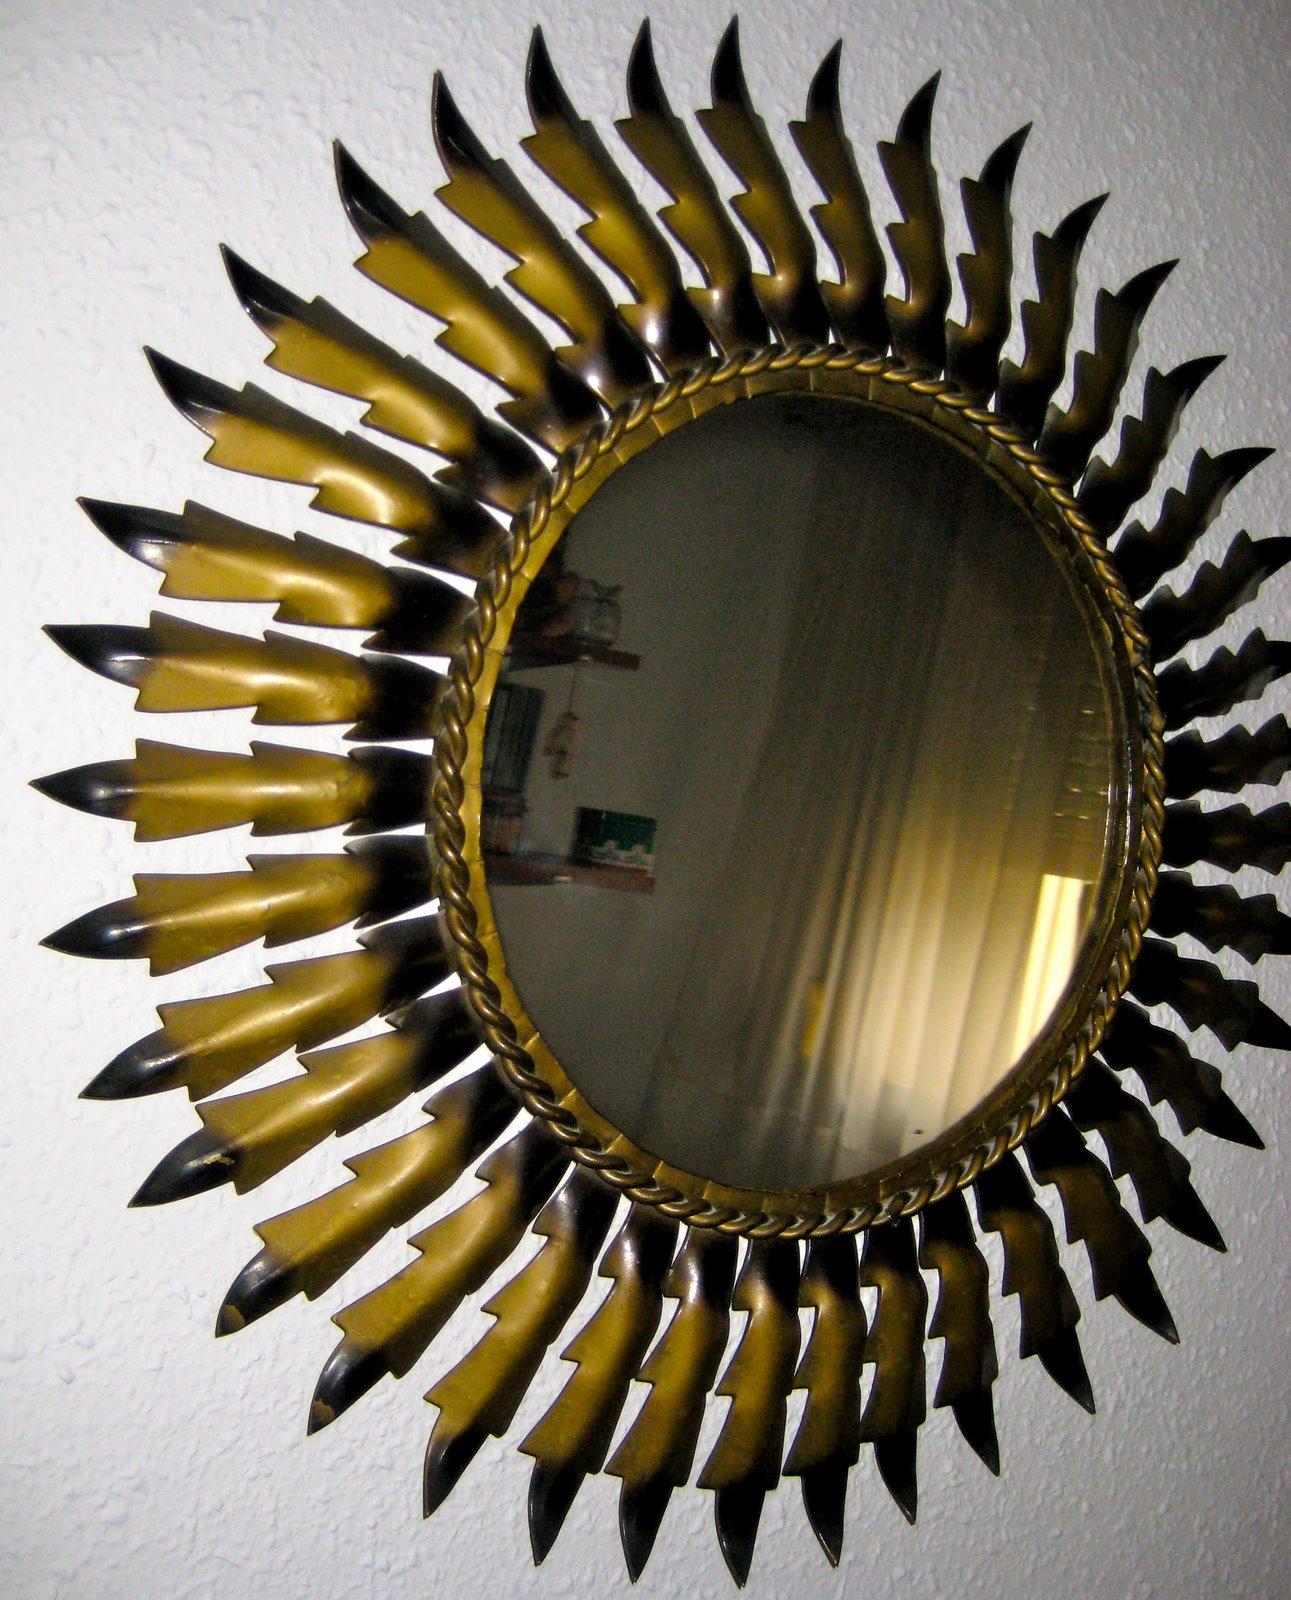 Espejo vintage con forma de sol v e n d i d o - Espejos con forma de sol ...